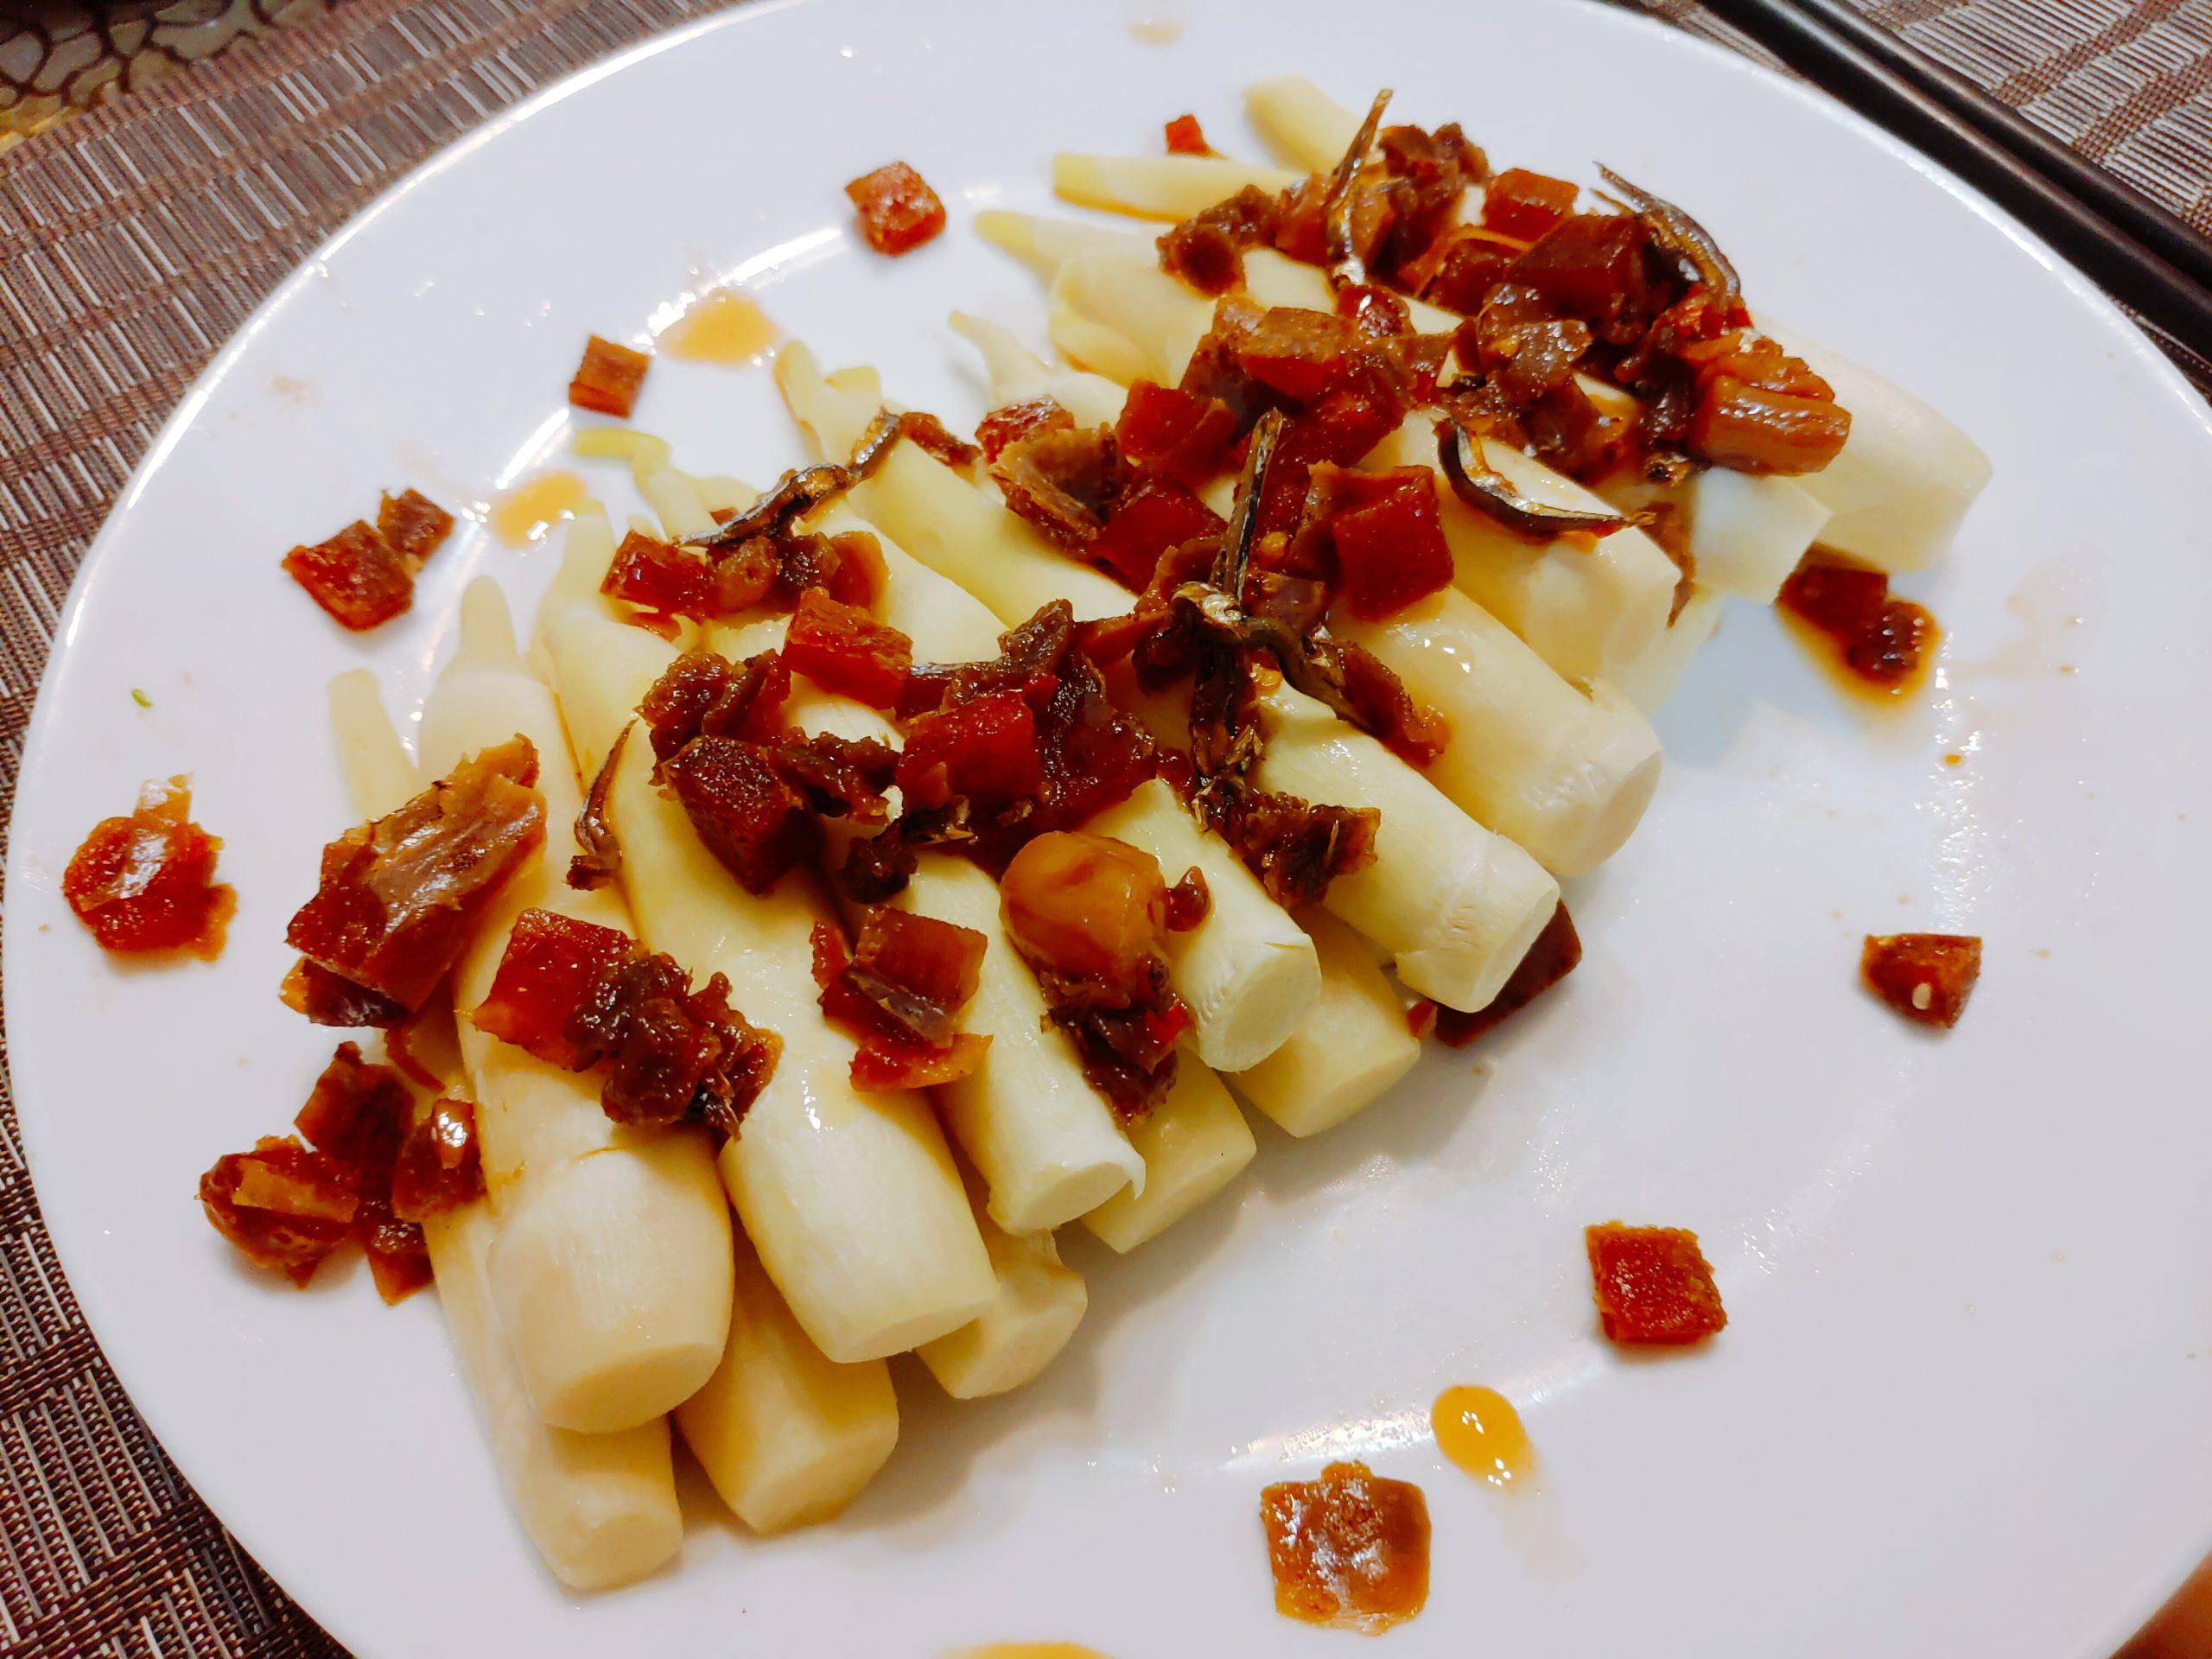 【食譜】筊白筍烏魚子佐XO醬|簡單零失敗,三步驟就完成